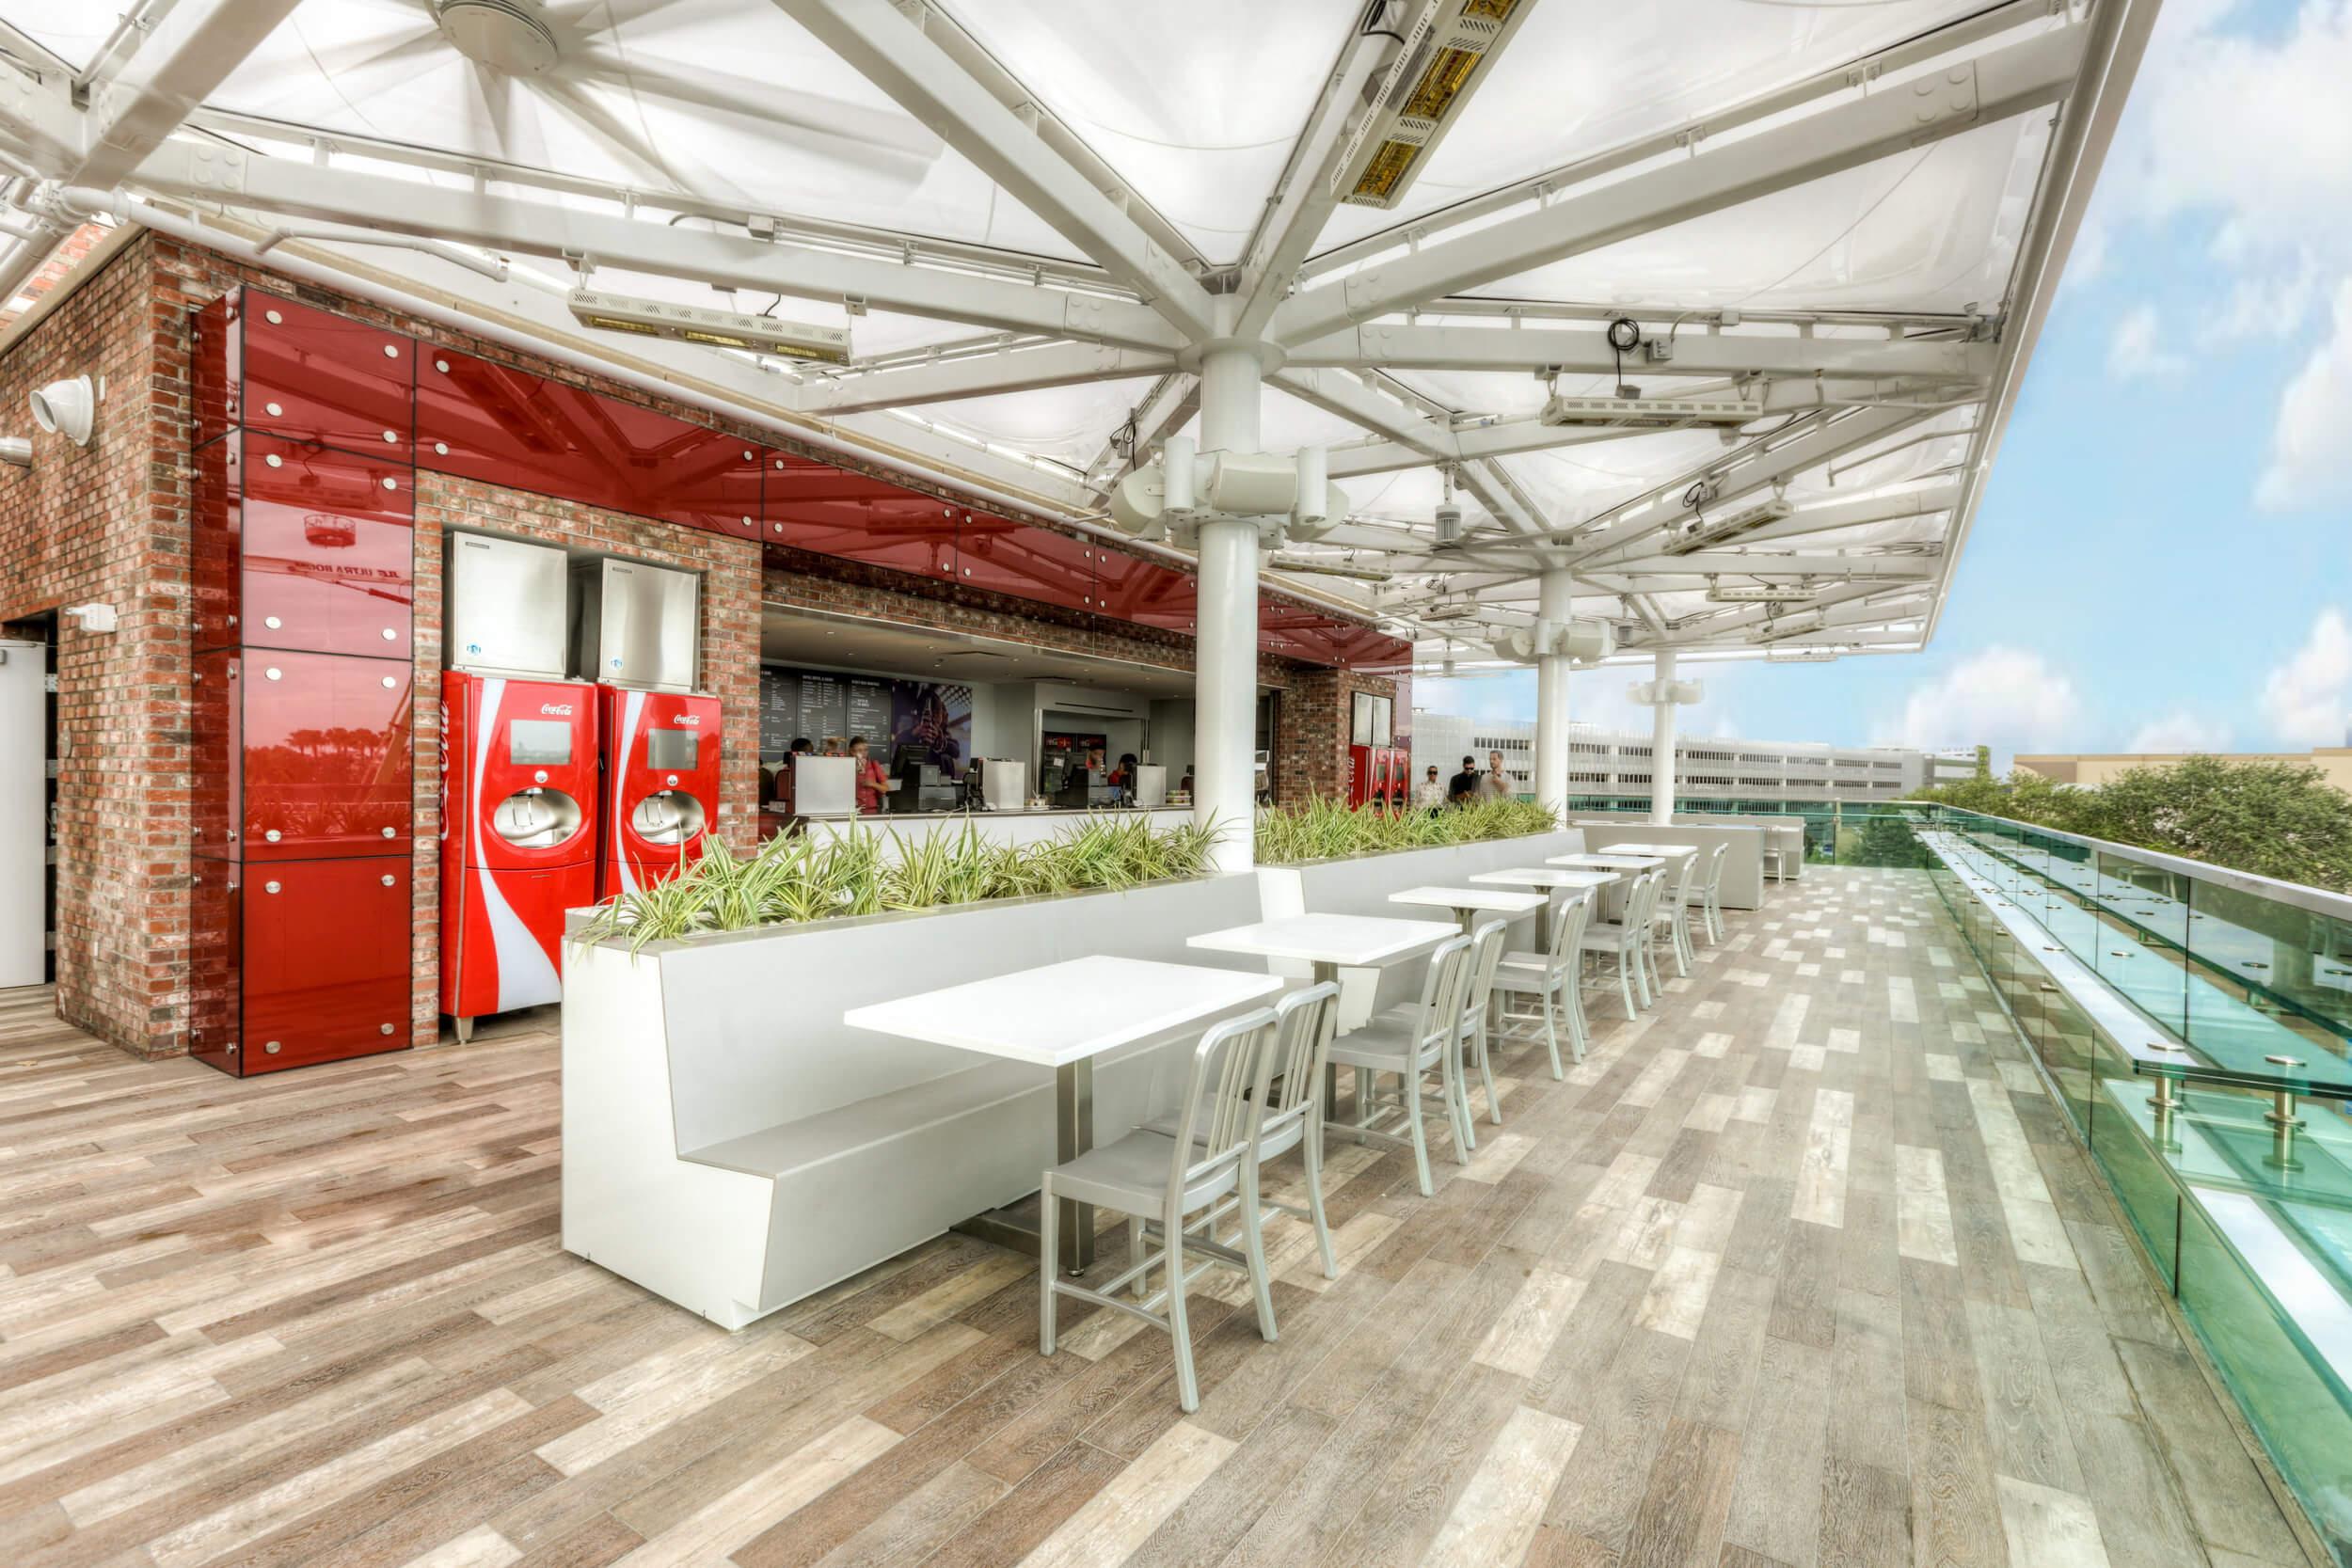 Refil de Coca-Cola por 1 dólar na Disney Springs em Orlando: terraço